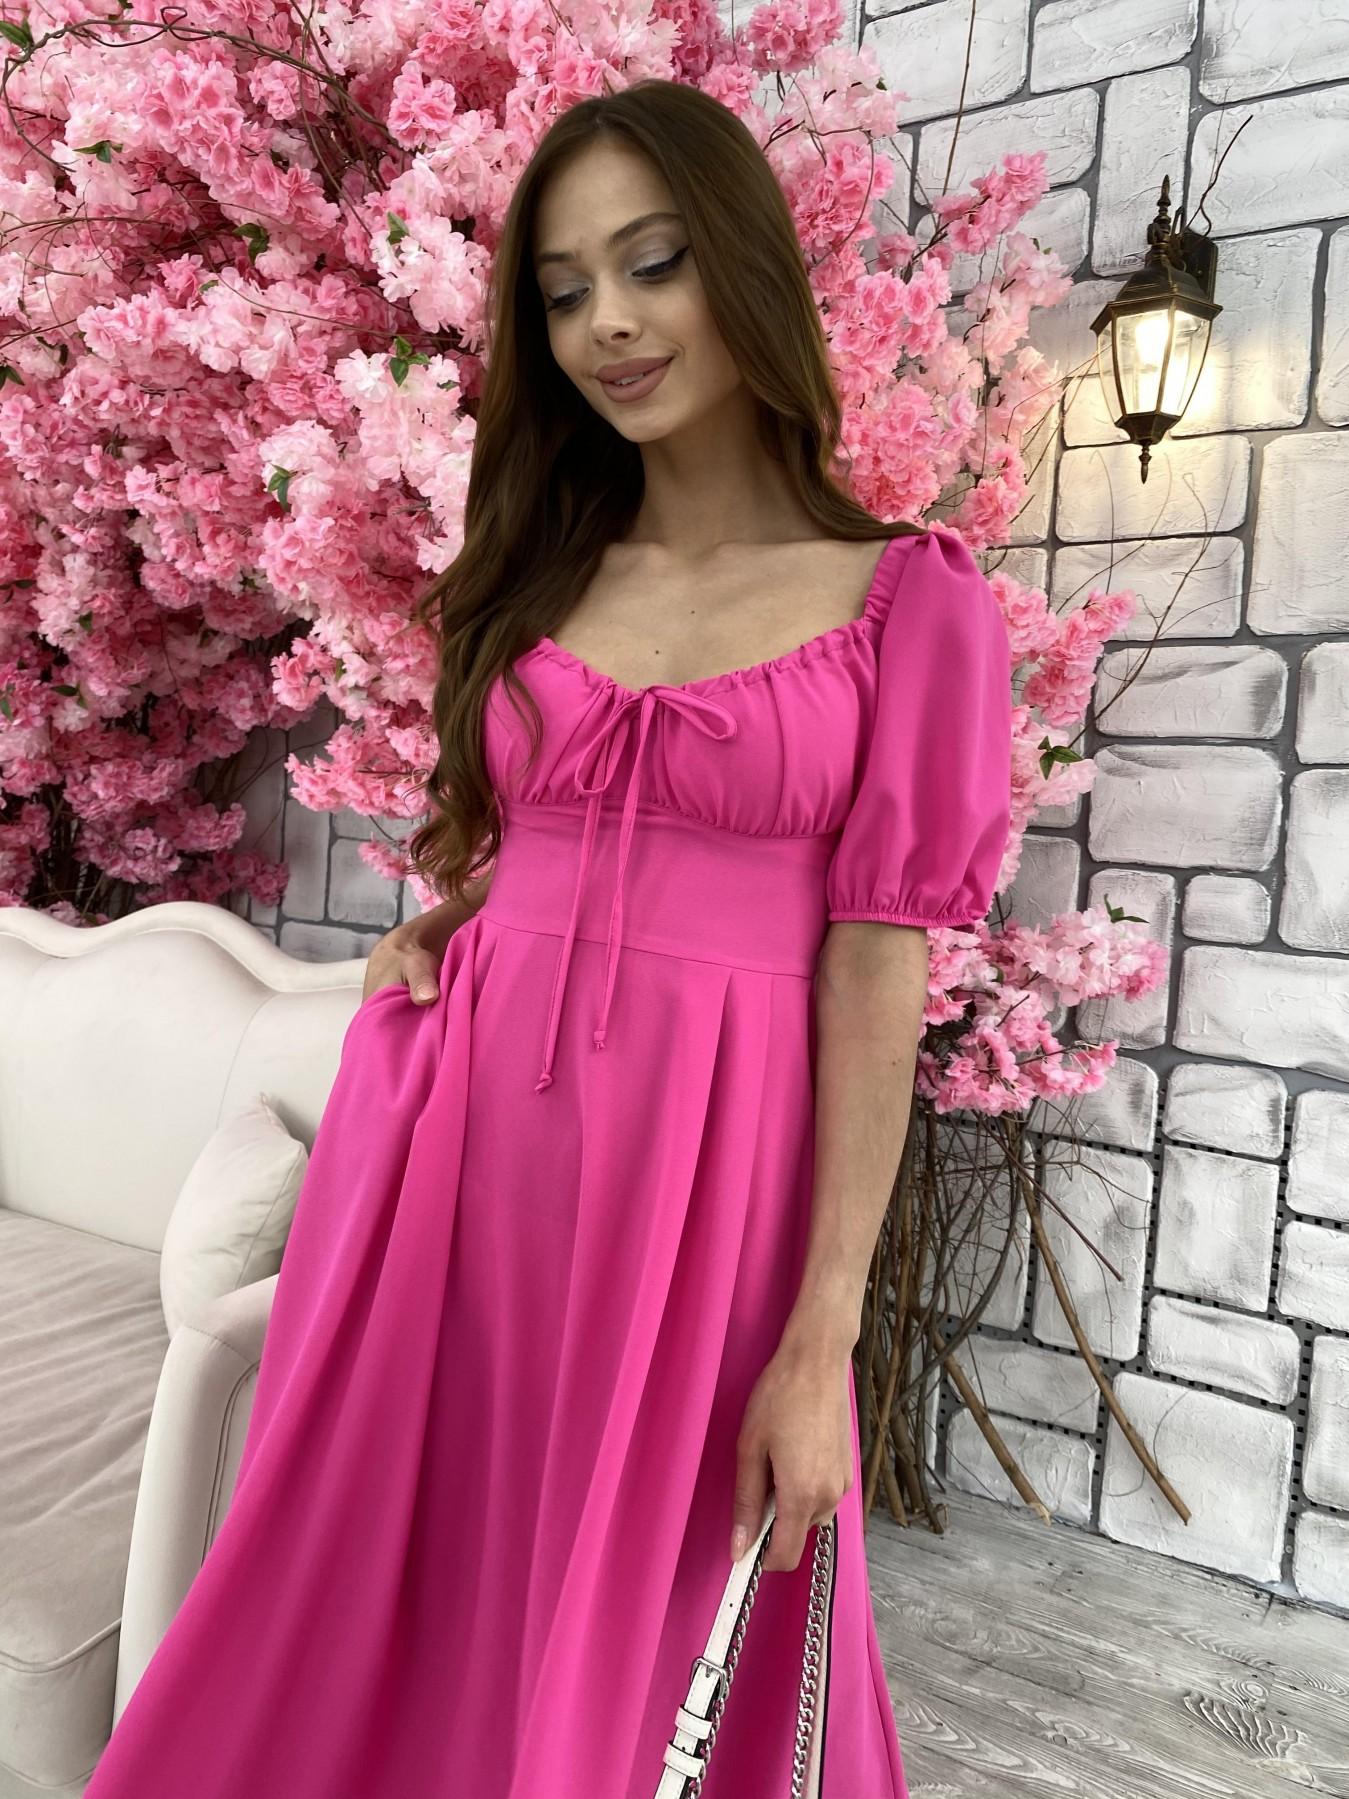 Кисес Миди платье из шифона креп 11443 АРТ. 48015 Цвет: Малиновый - фото 6, интернет магазин tm-modus.ru